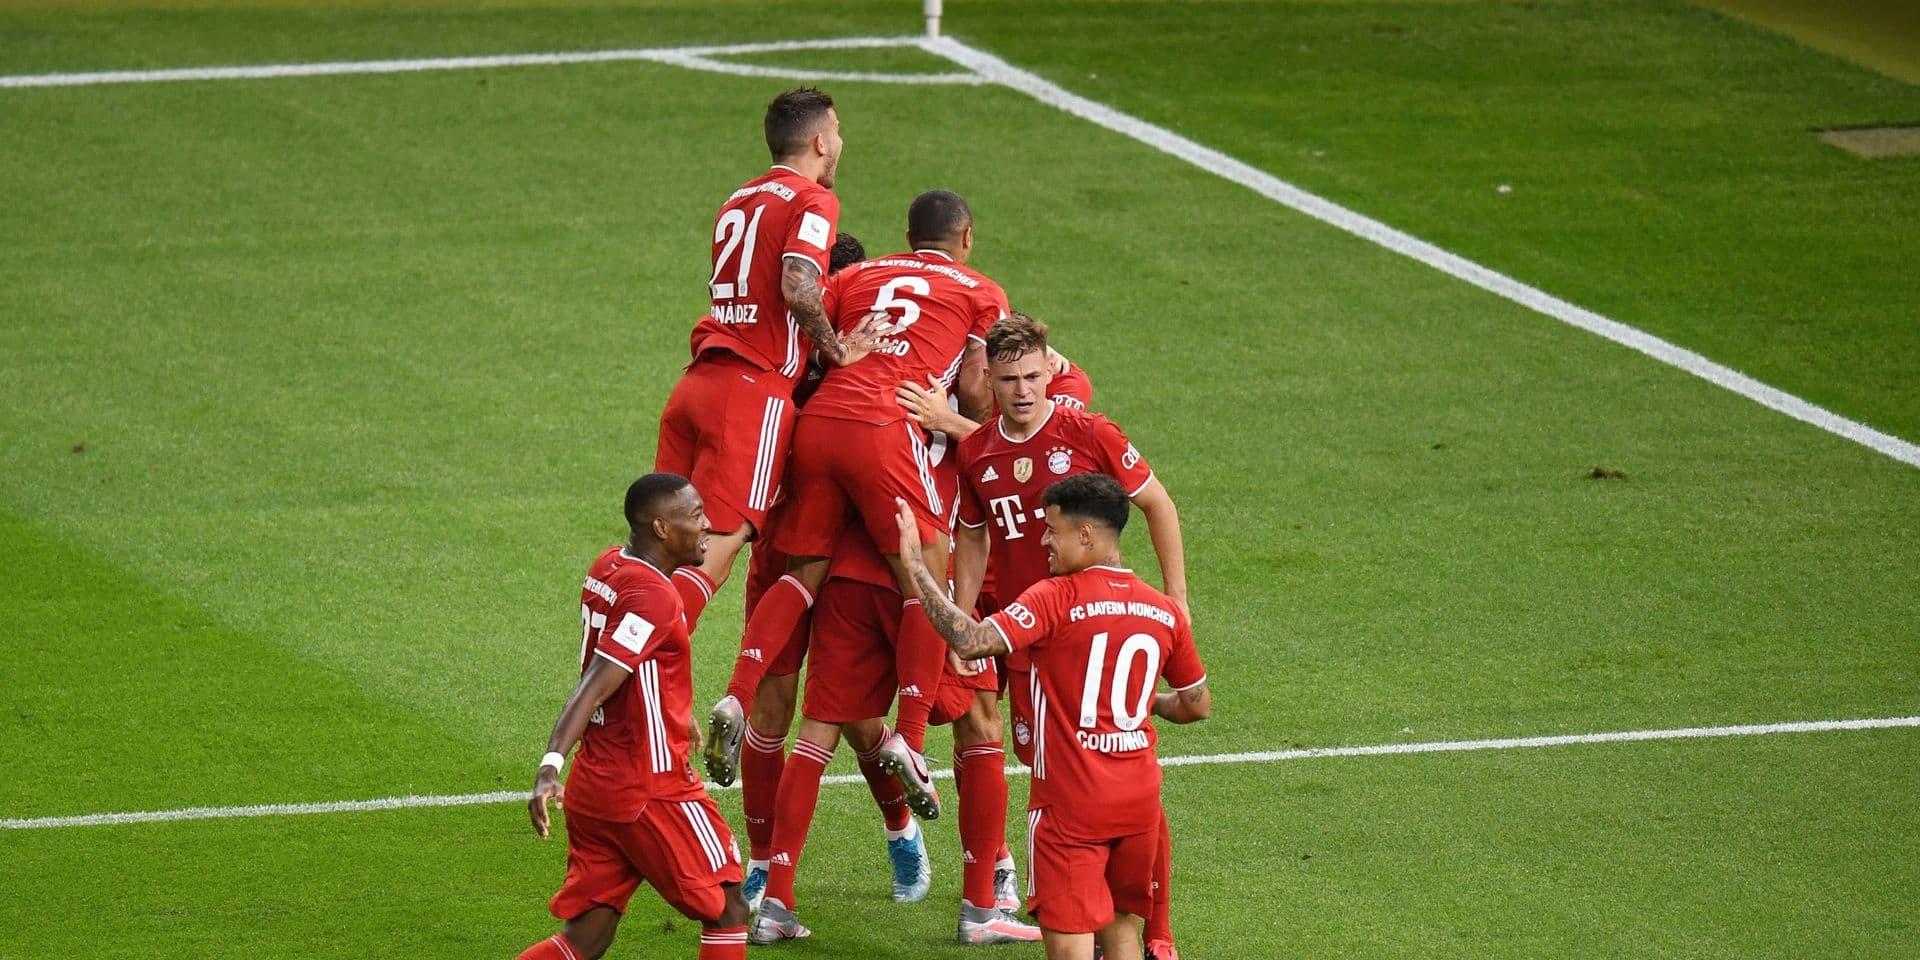 La nouvelle saison de Bundesliga débutera le 18 septembre